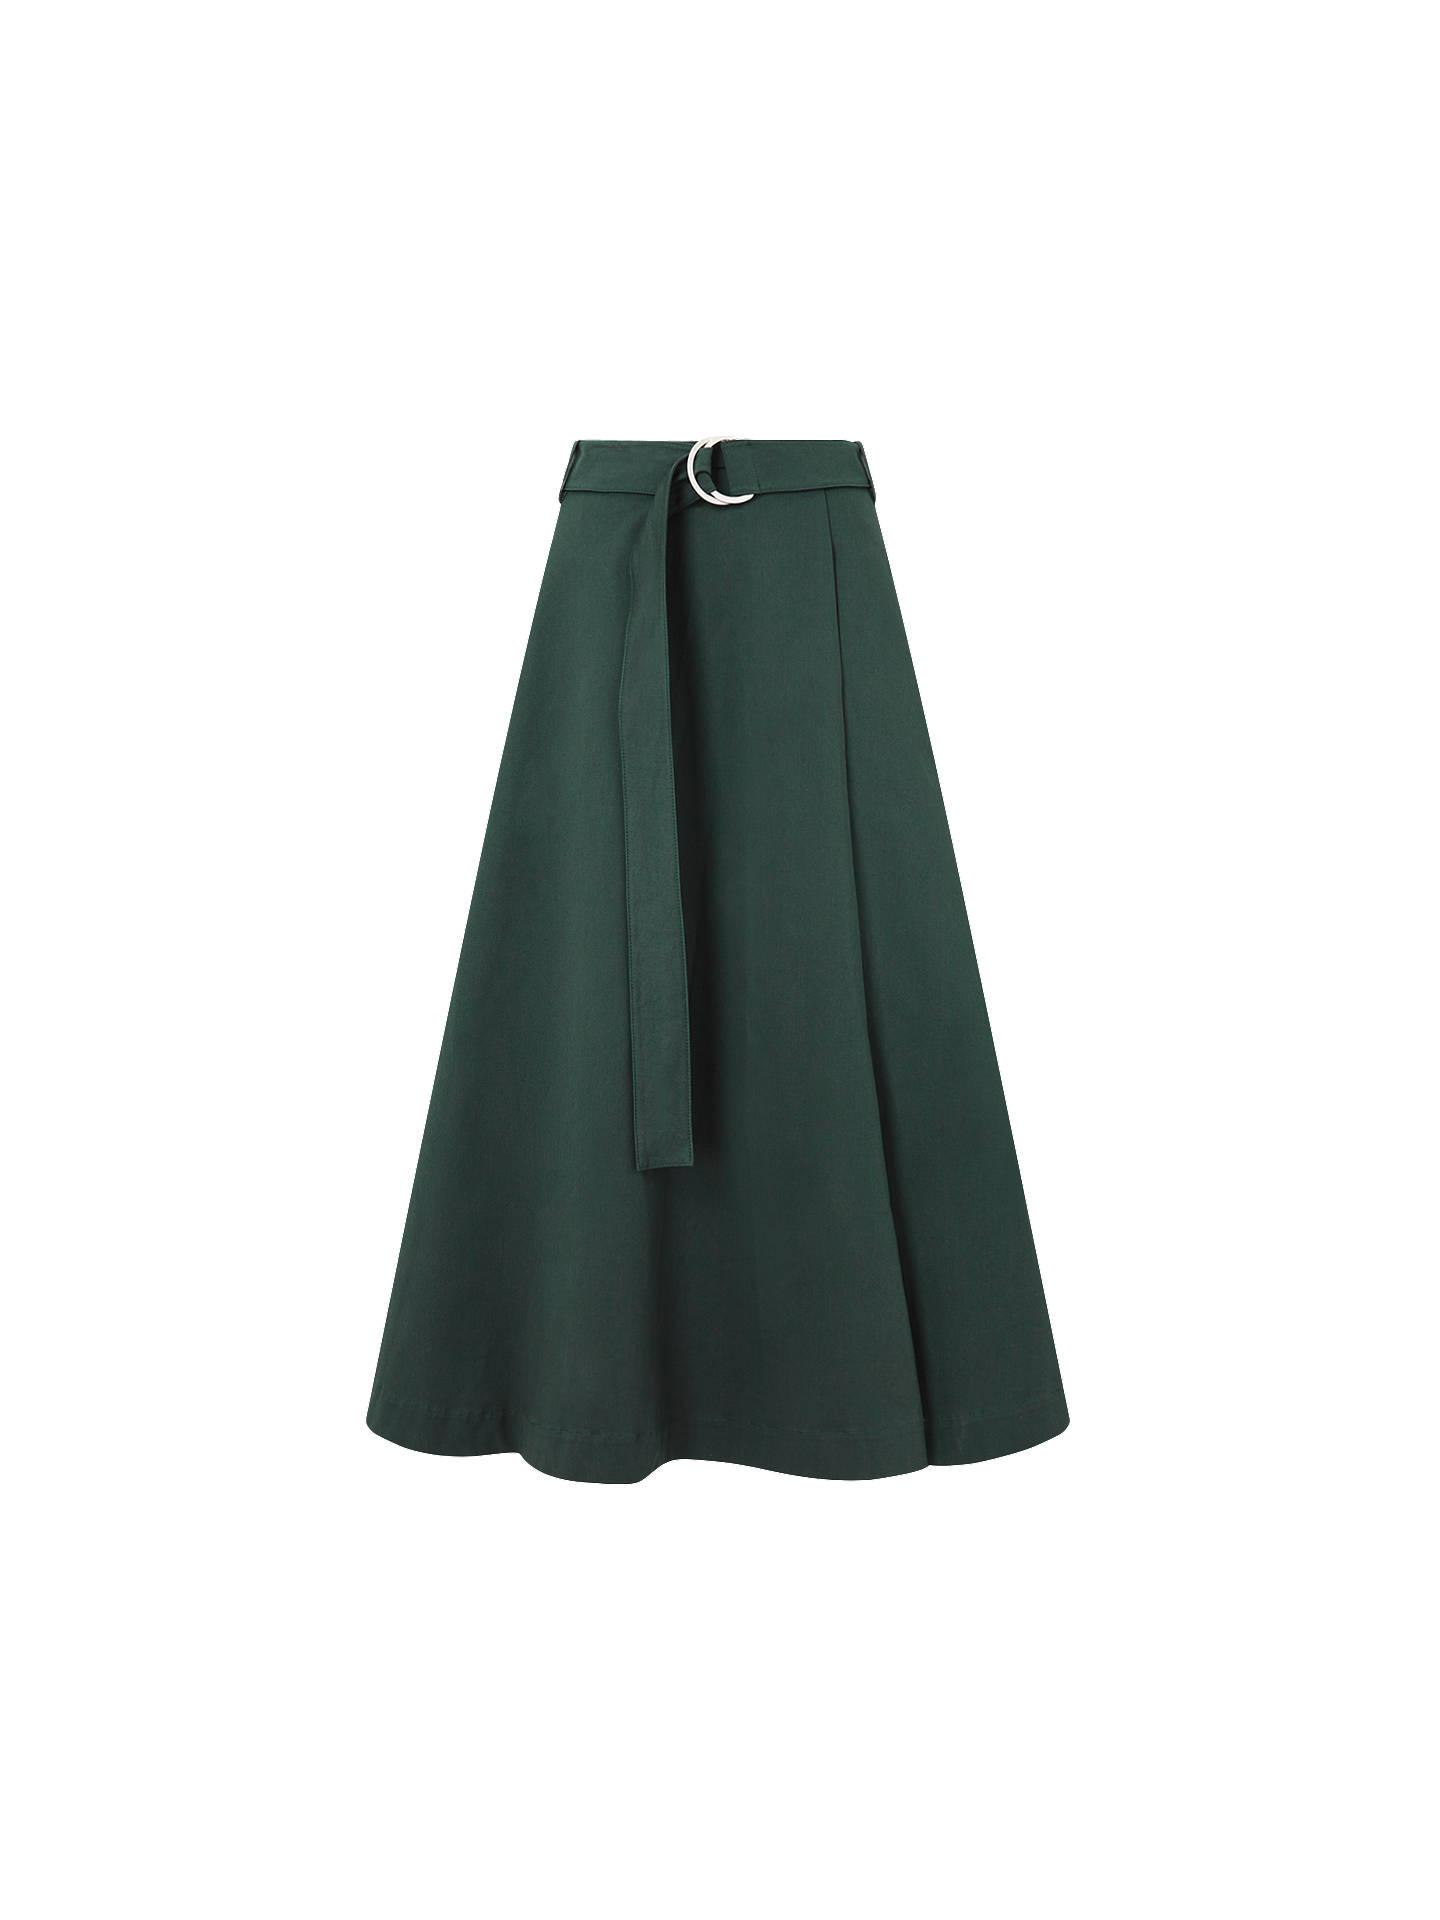 43de815a0 ... Buy Jigsaw Cotton Sateen Midi Skirt, Racer Green, 6 Online at  johnlewis.com ...